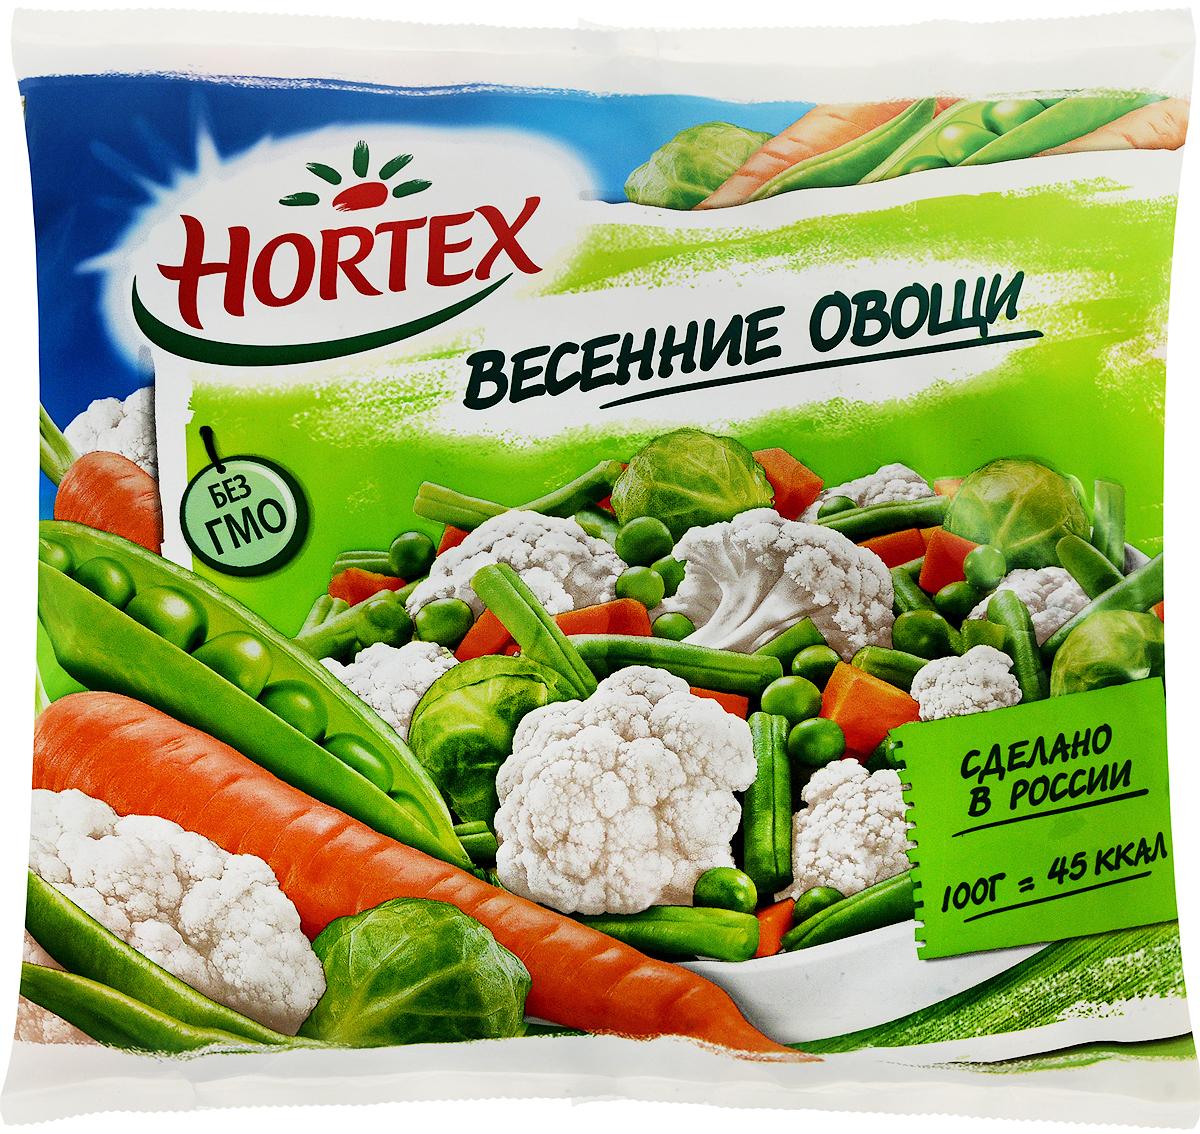 Hortex Весенние овощи, 400 г4607191650241Овощная смесь Hortex весенние овощи собрала гамму овощей, взаимодополняющих друг друга. Стручковая фасоль и зеленый горошек обеспечивают организм высококачественным белком, придают сил и энергии на долгое время. Цветная капуста и морковка прогоняют плохое настроение.Такая овощная смесь подходит для супов, на гарнир к мясу, к любой рыбе, для ризотто, омлета с овощами, овощной запеканки (calorizator). Овощная смесь готовится около десяти минут. Яркое, веселое сочетание овощей в готовом блюде, поднимает аппетит деткам. На детской тарелке мама выкладывает человечка со смешной рожицей из овощей, и любимая детка покушала без лишних уговоров.Пищевая ценность на 100 г: Белки: 2,8 г.Жиры: 0,3 г.Углеводы: 3,9 г.Калорийность: 45 кКал.